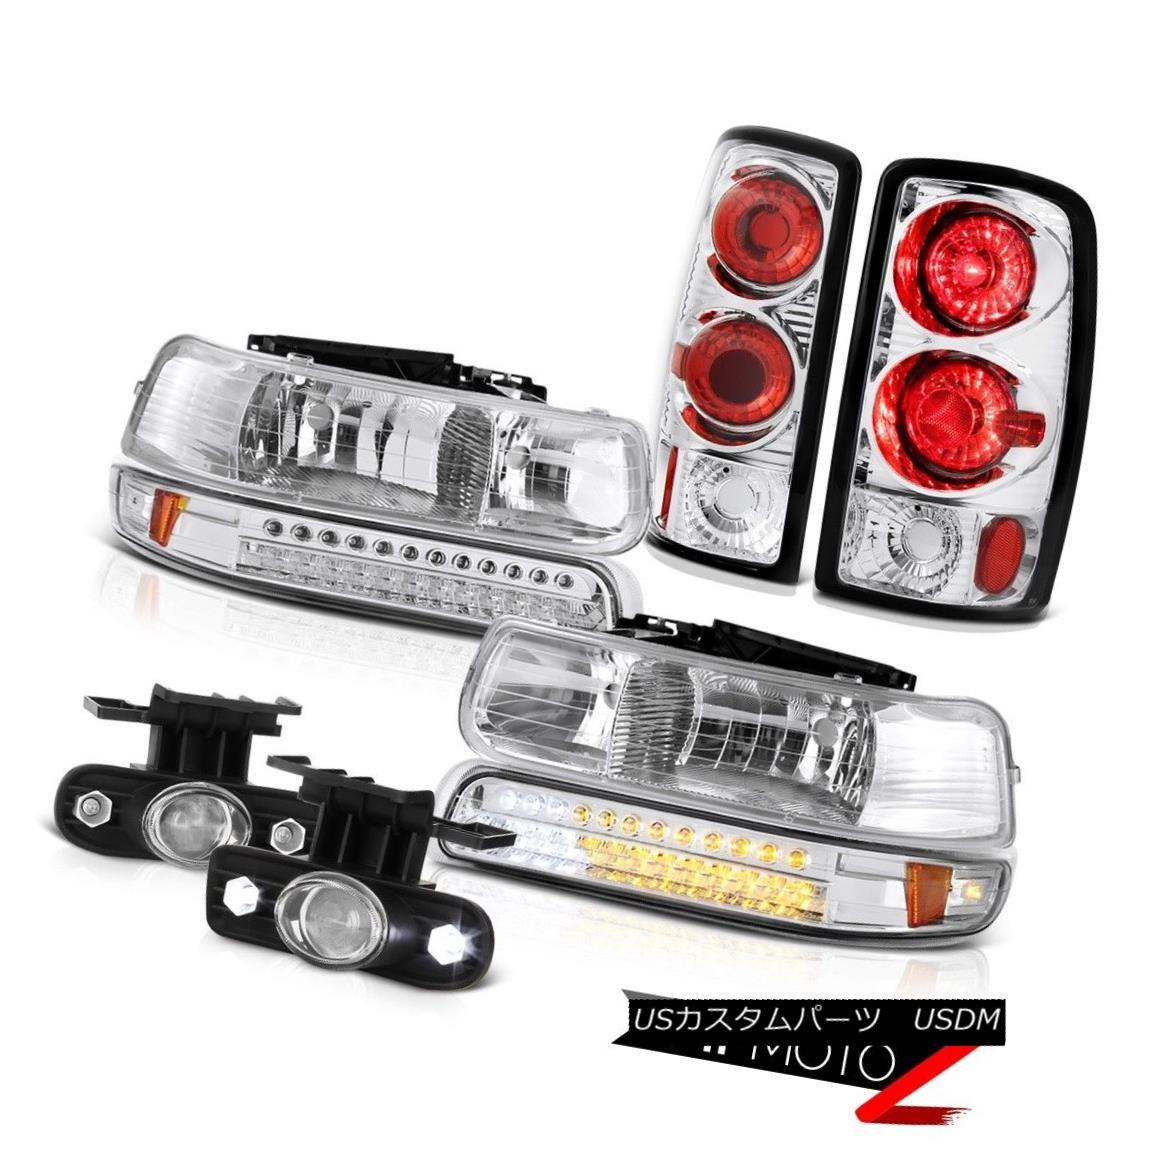 テールライト 2000-2006 Chevy Suburban Euro SMD Bumper+Headlamps Rear Tail Lights Bumper Fog 2000-2006シボレー郊外ユーロSMDバンパー+ヘッドラム psリアテールライトバンパーフォグ